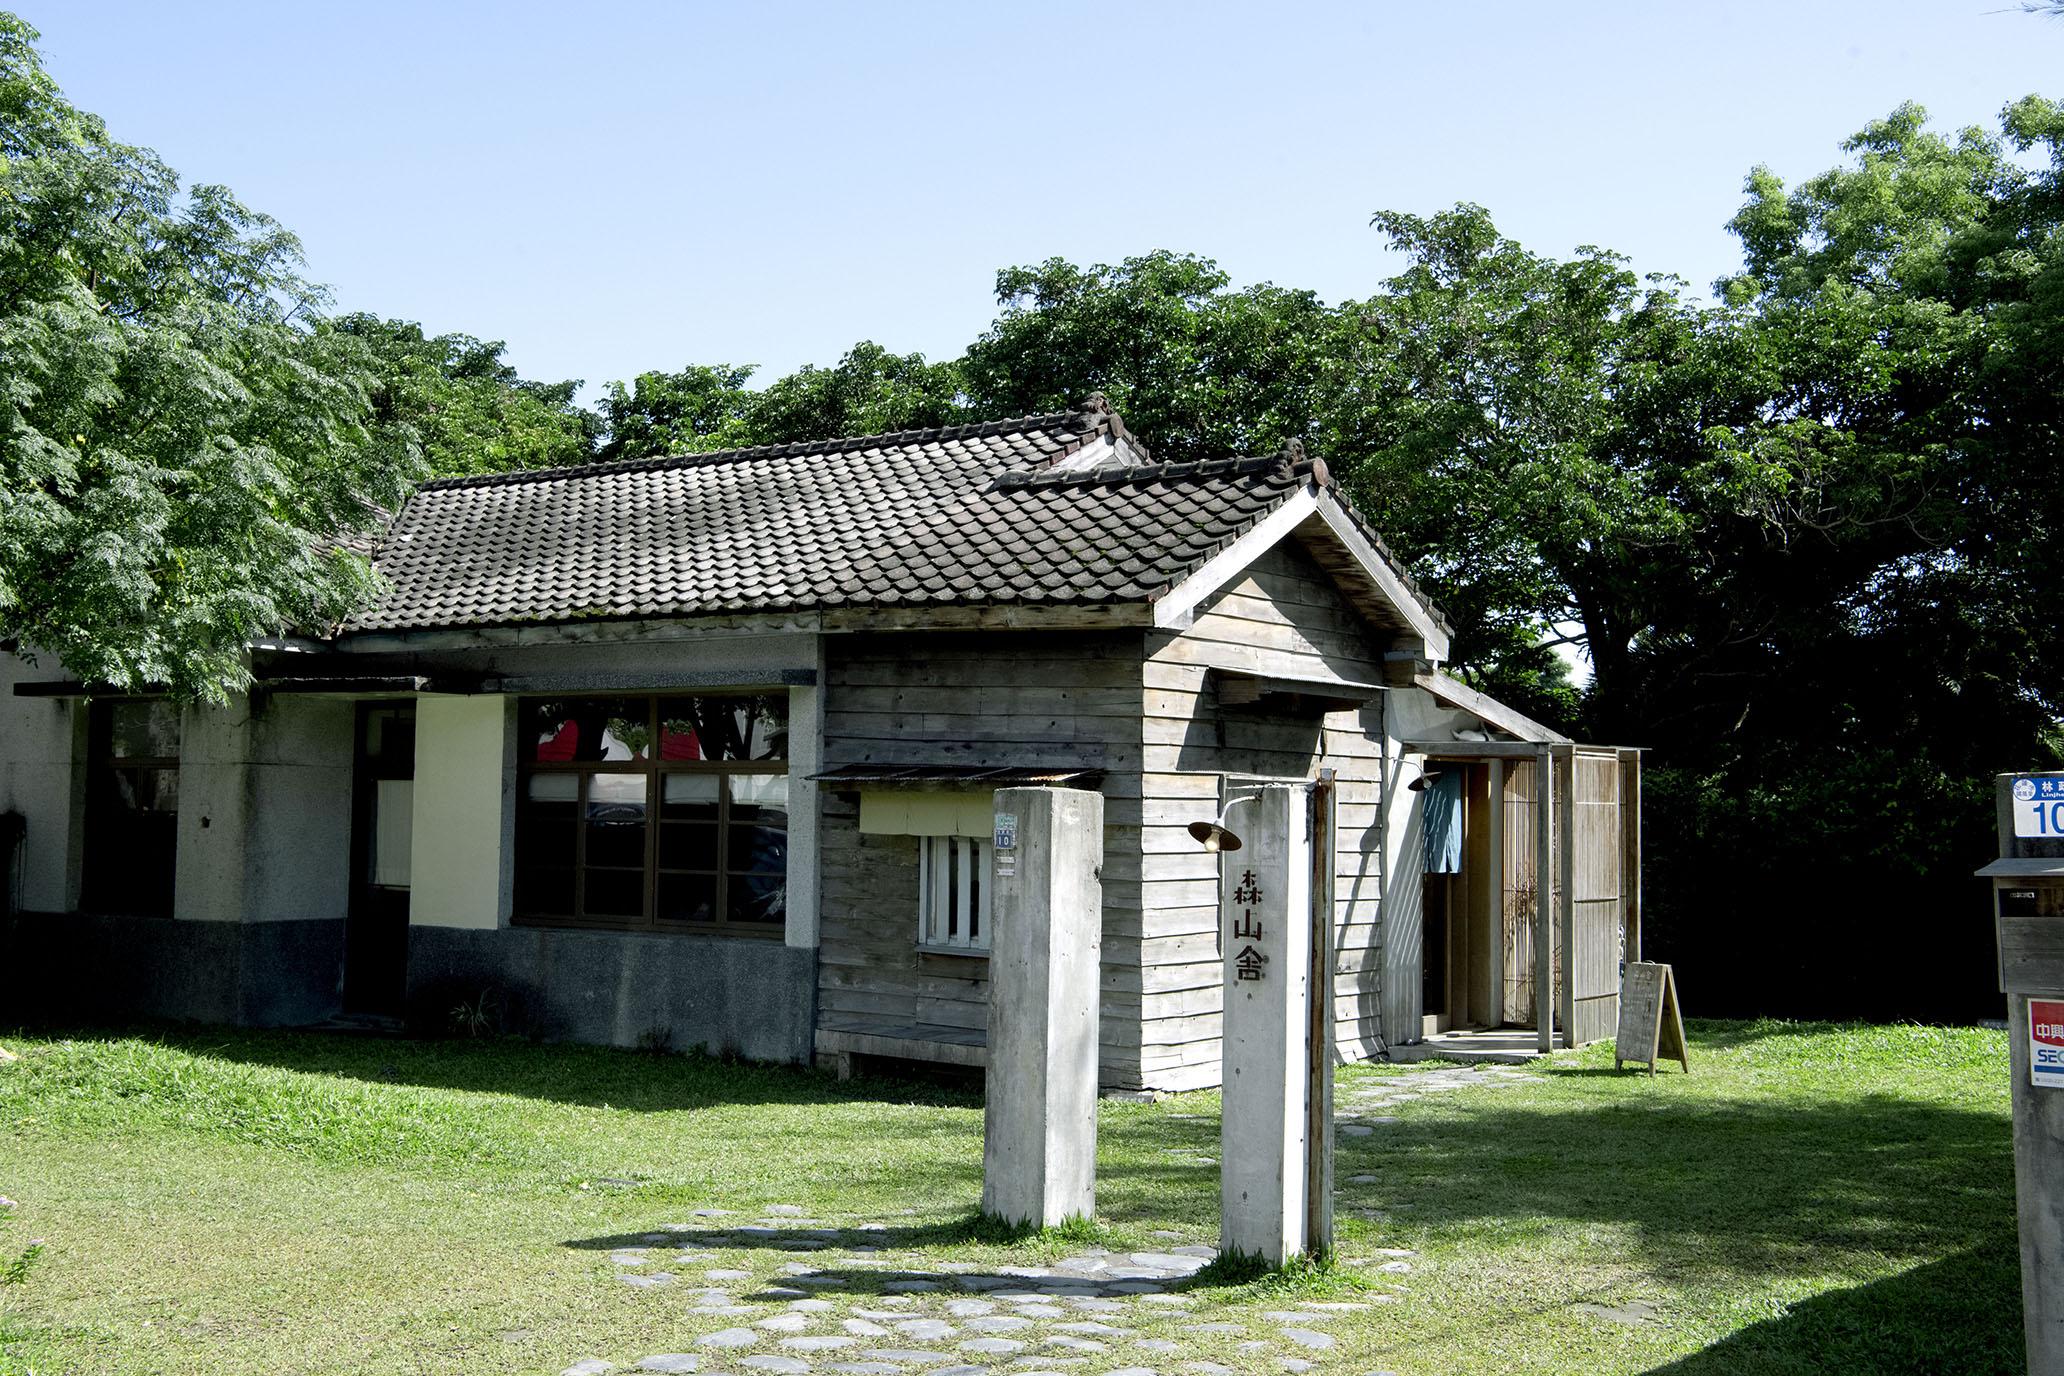 花蓮森山舍 愜意的家常麵包餐,巧遇了喜歡的日常。